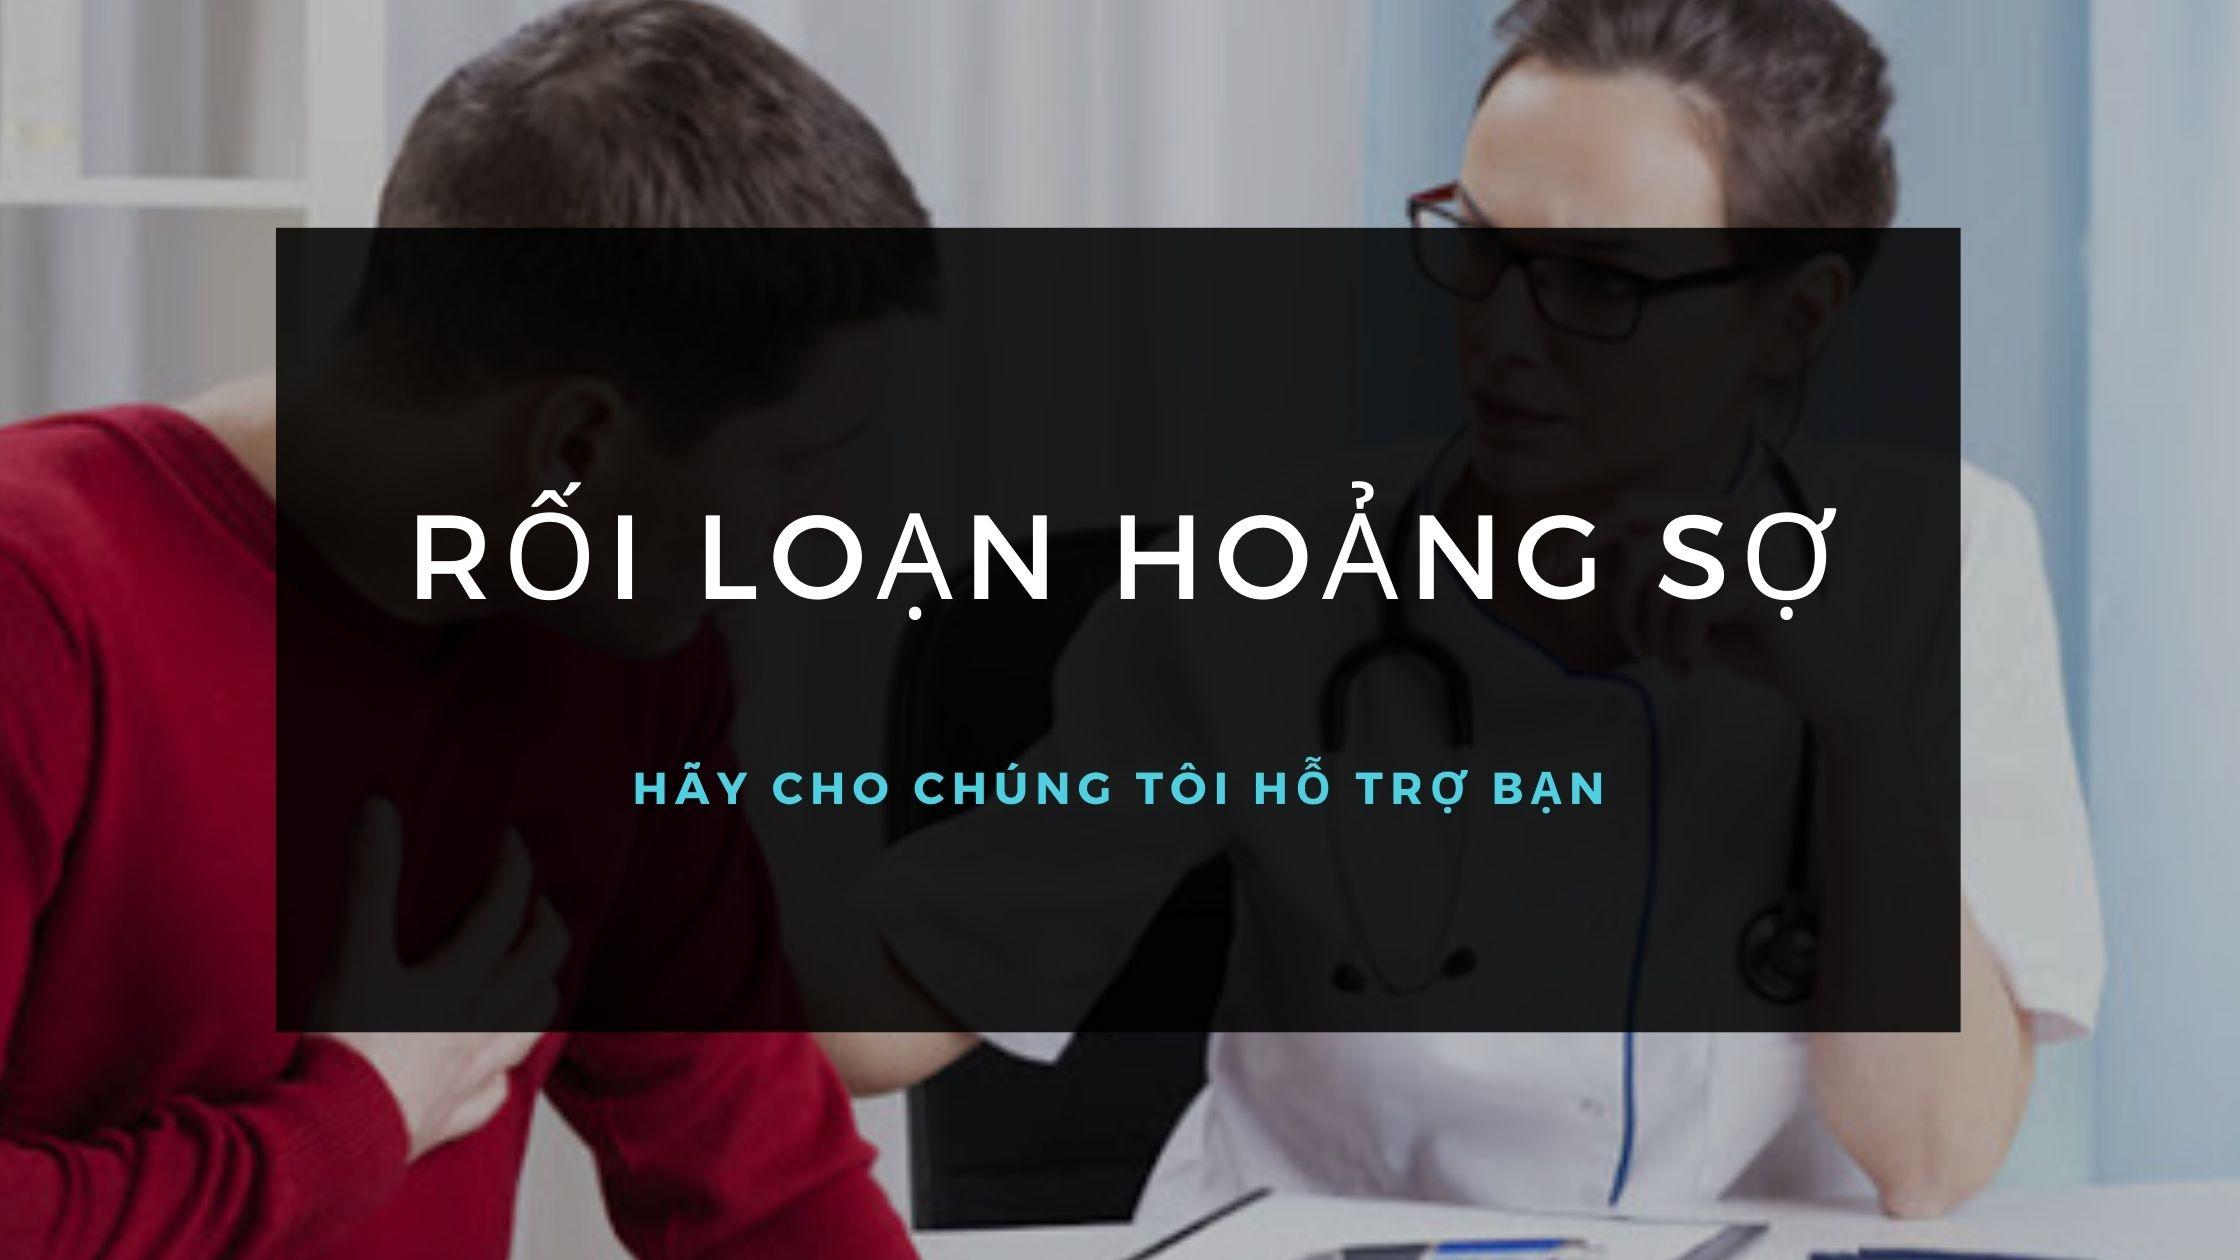 roi_loan_hoang_so